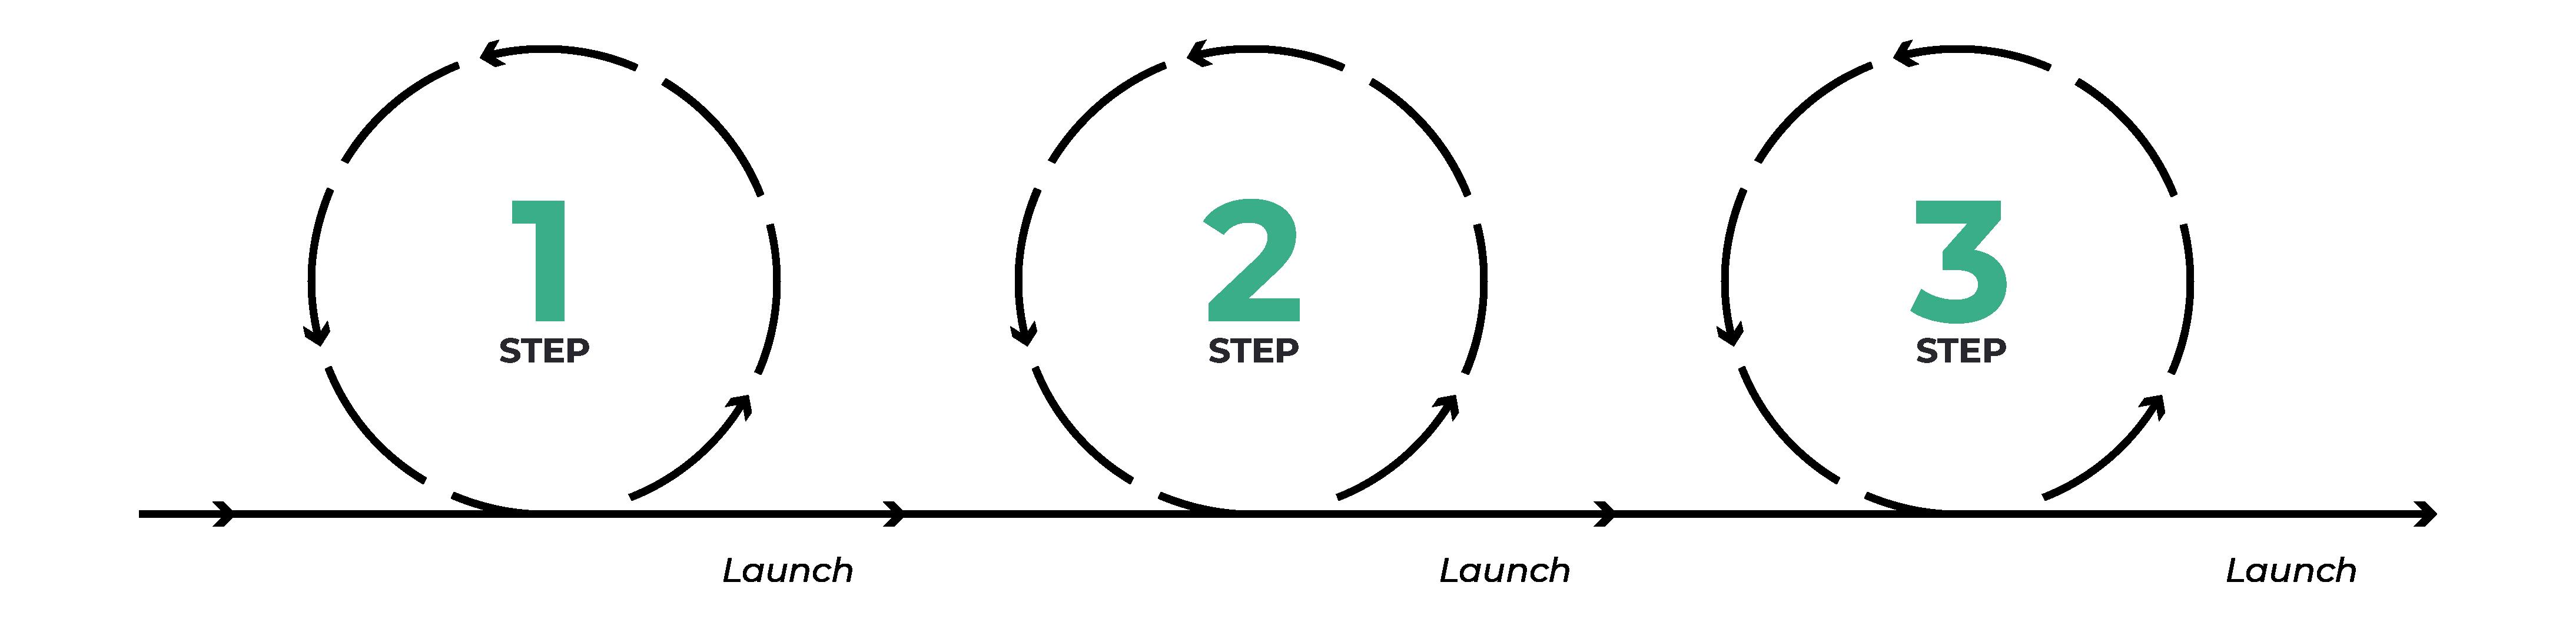 Agile methodology: iteration is key